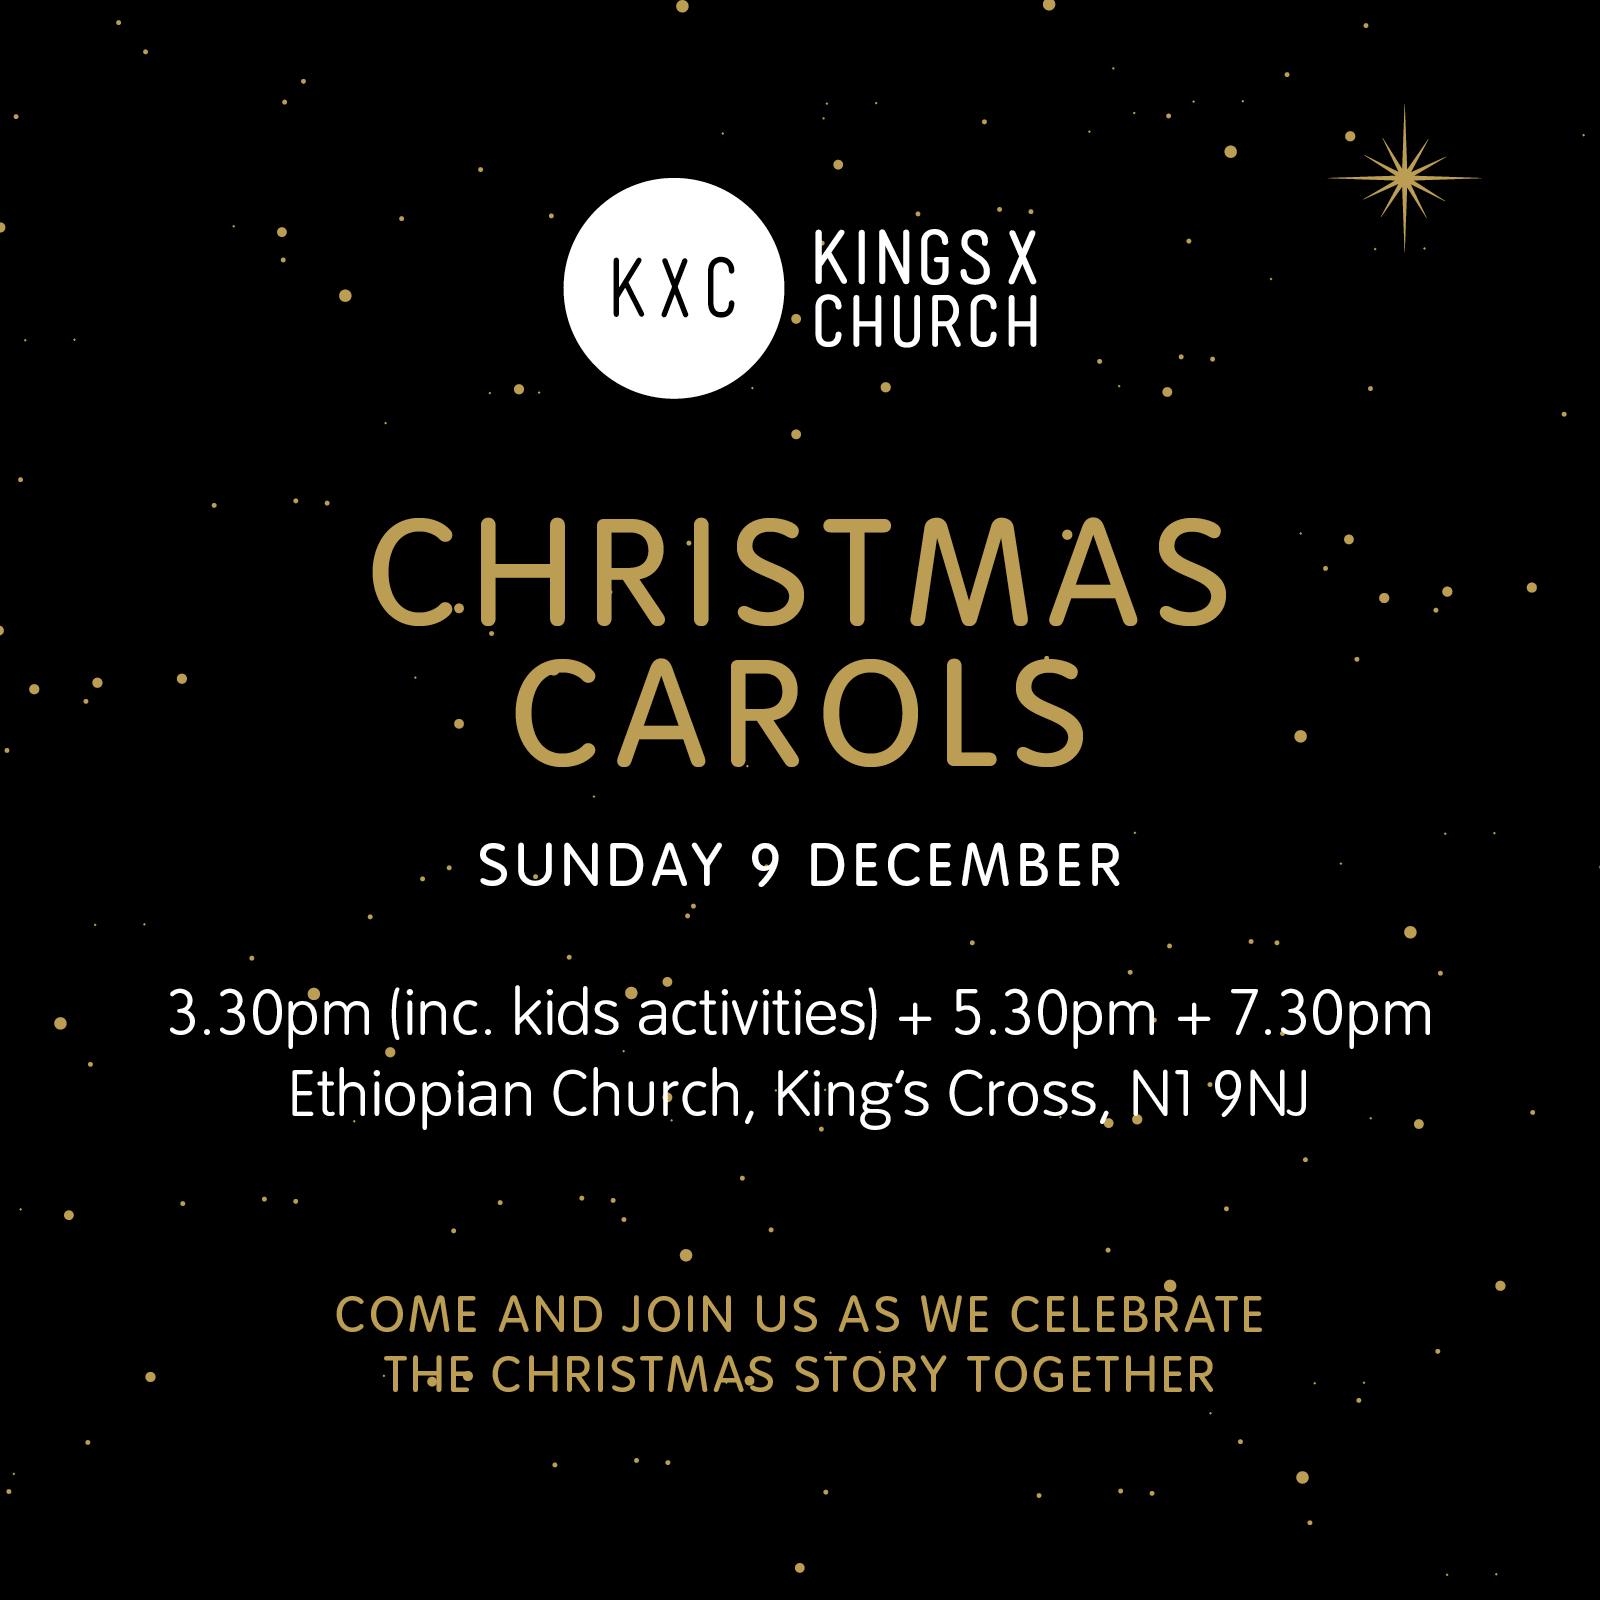 KXC_Christmas_2018_Social_Details_V1.jpg